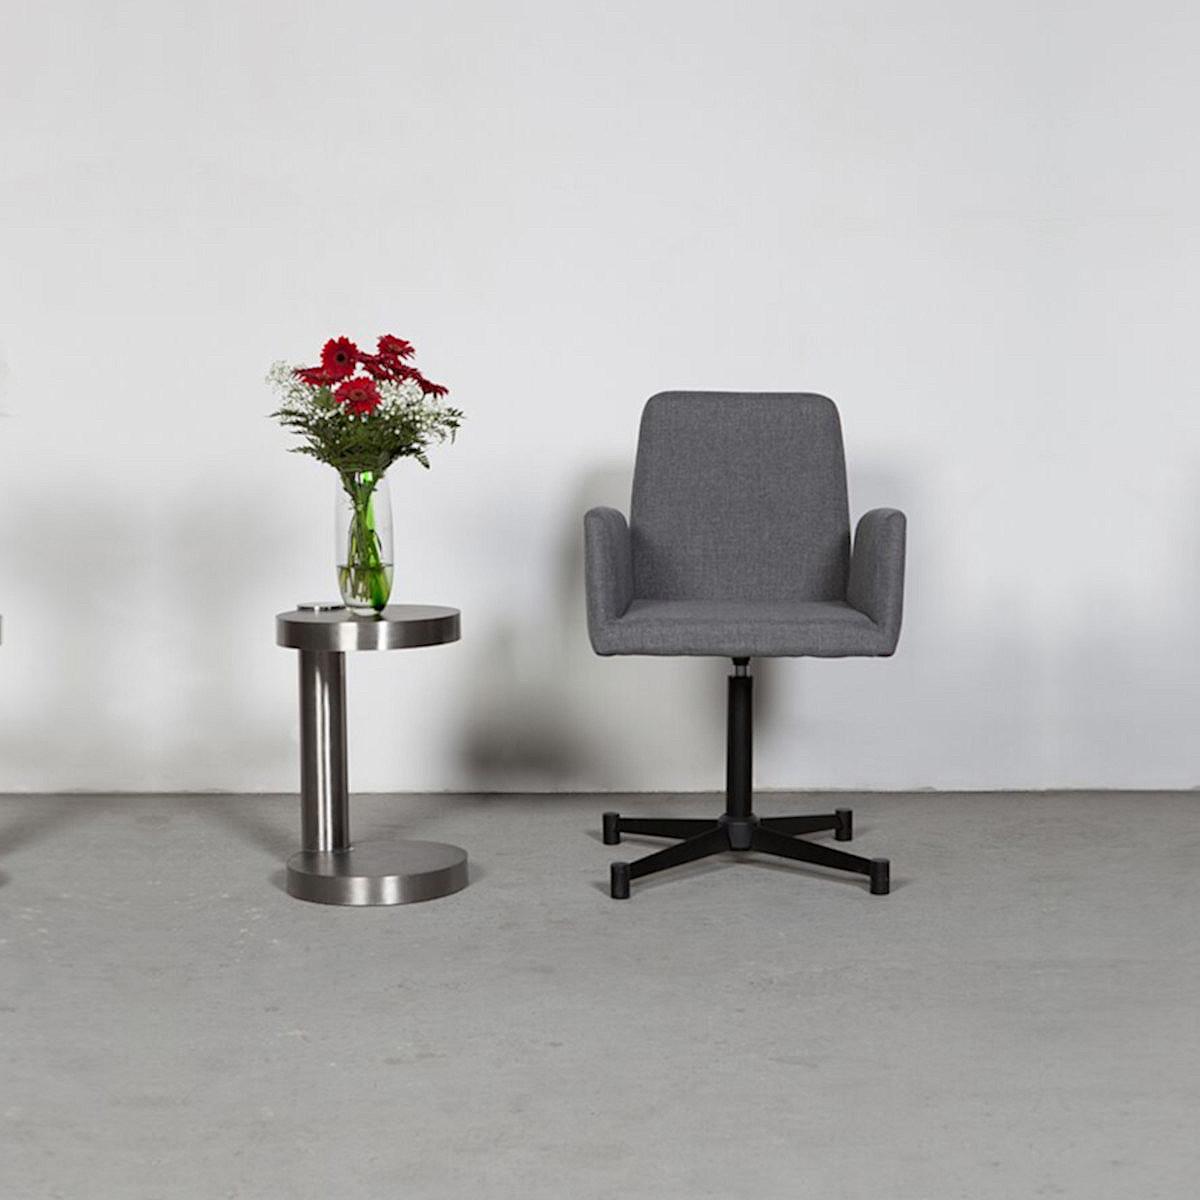 Wissman Designerstuhl art-620 Untergestell schwarz kreuzförmig Sitz Textil grau